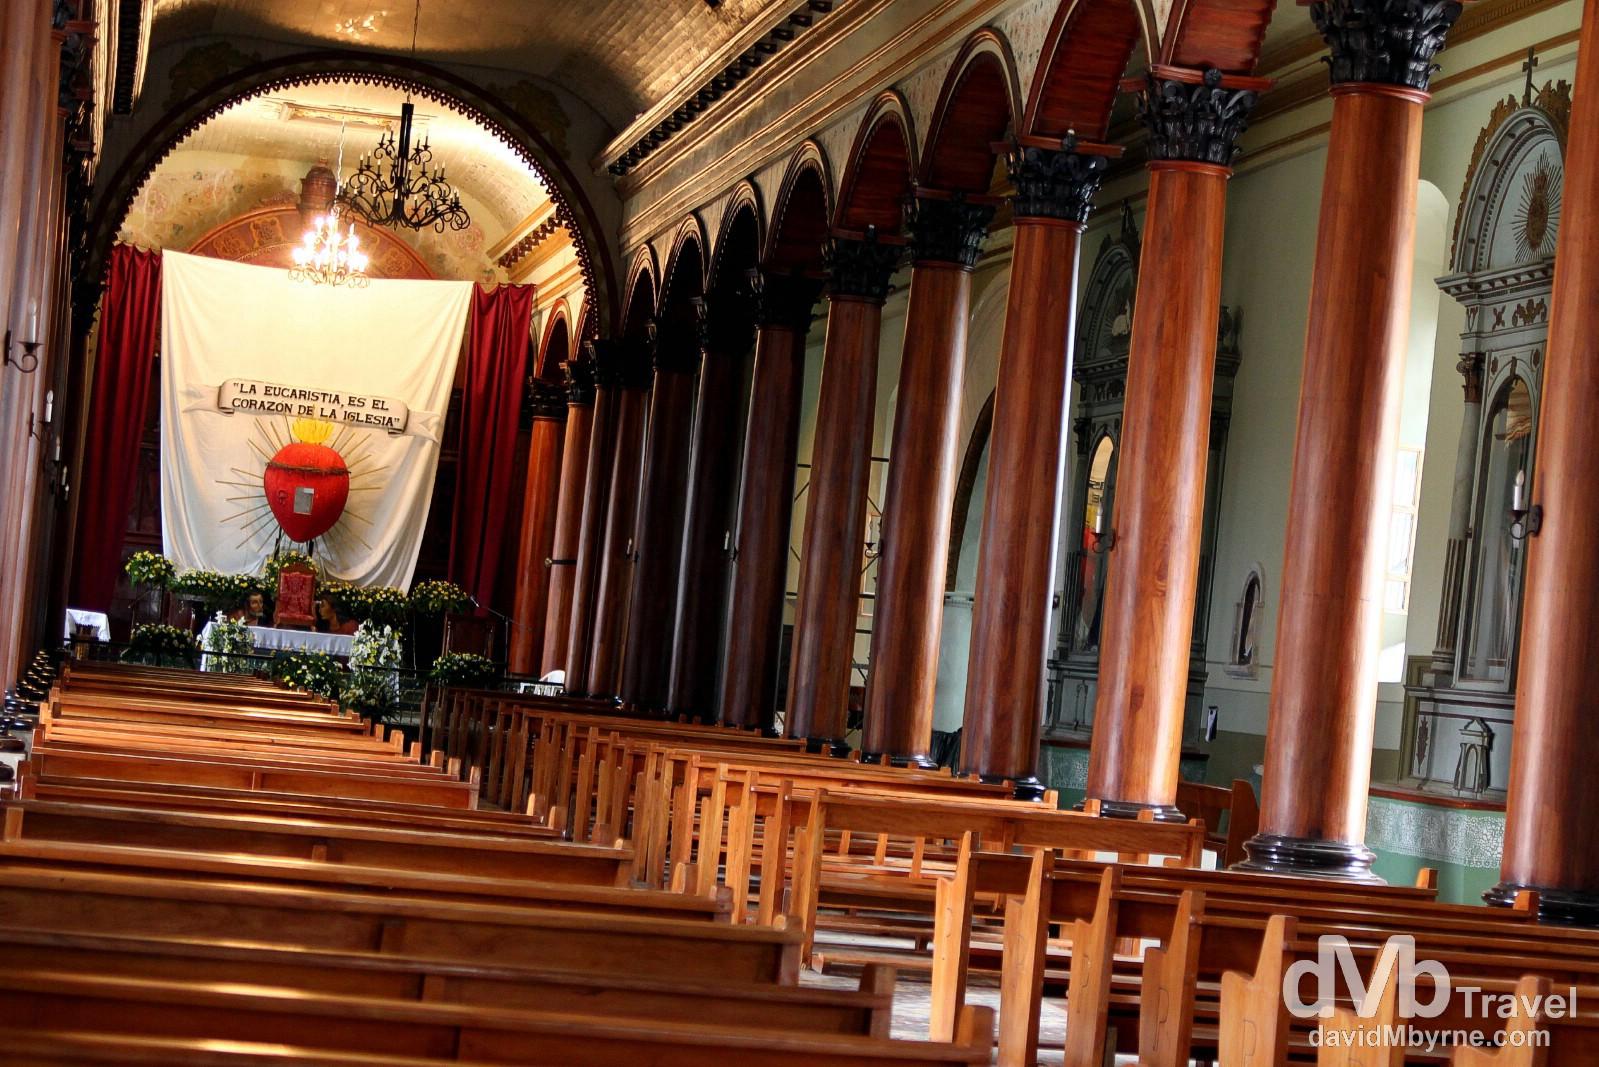 Iglesia Santa Lucia in Suchitoto, El Salvador. June 4th 2013.